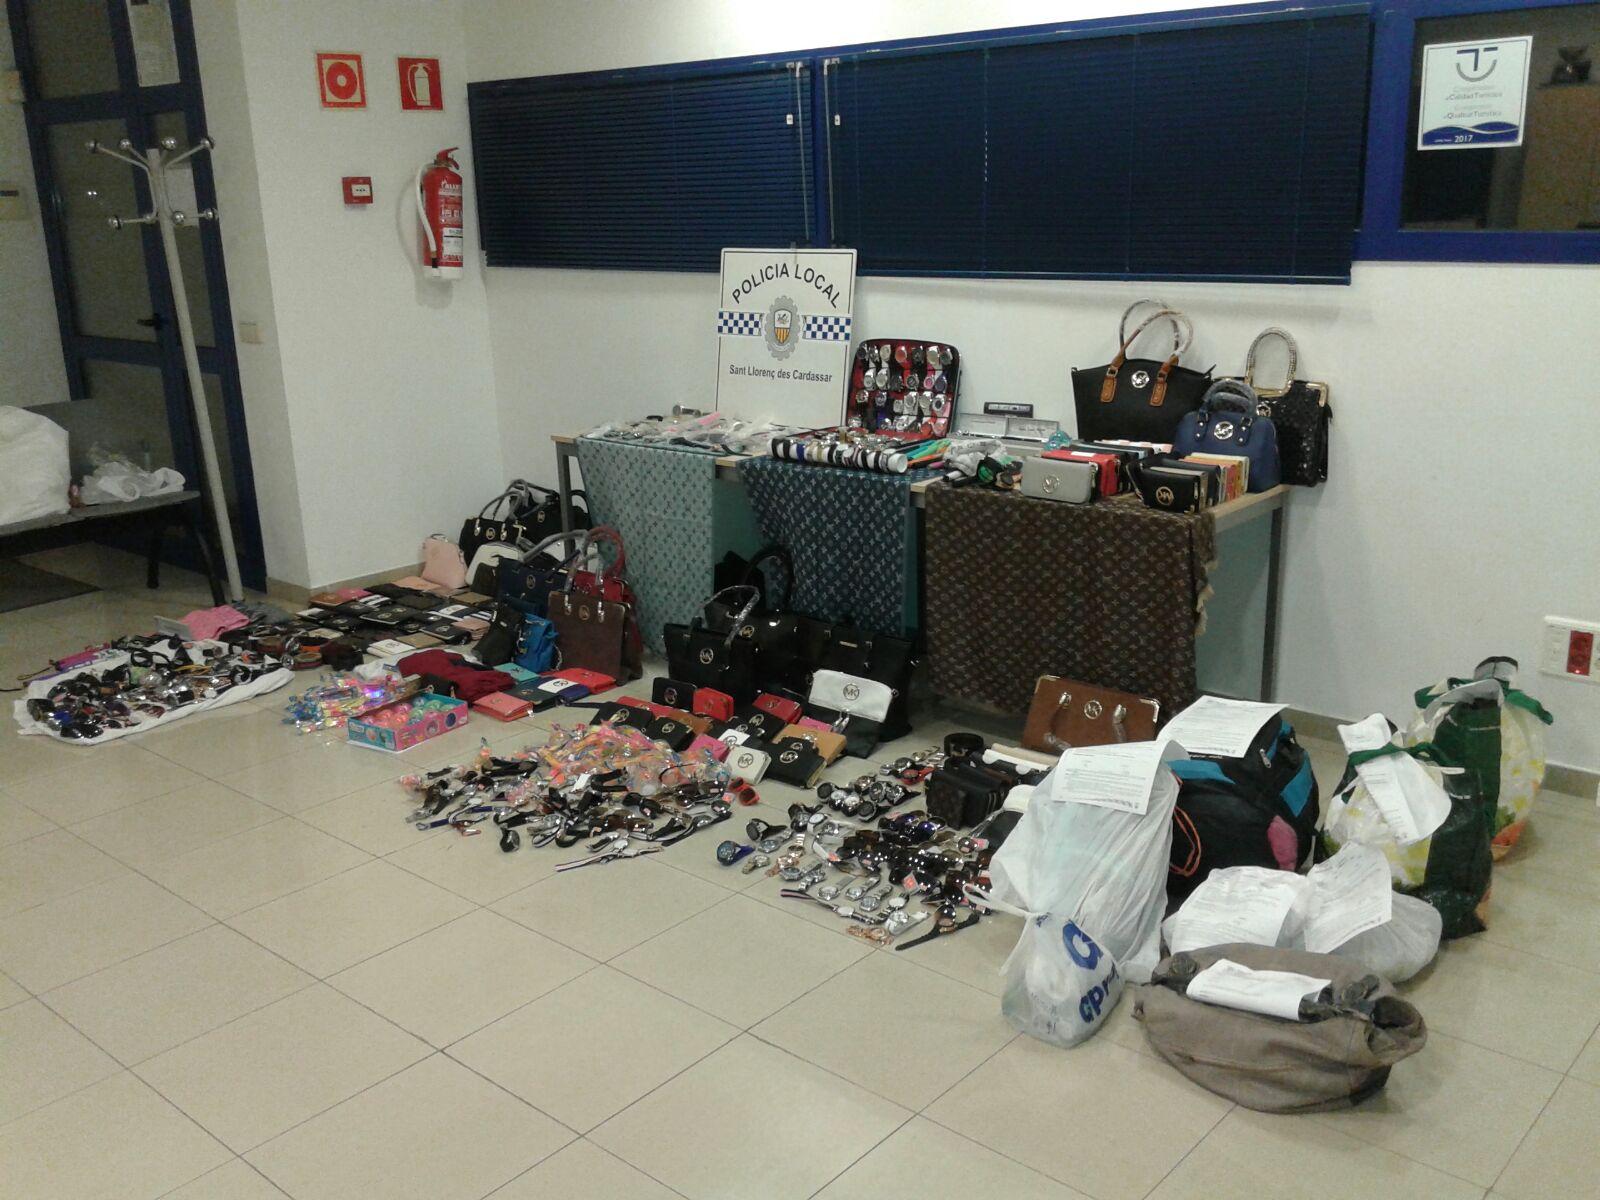 Objectes intervinguts per la Policia Local de Sant Llorenç des Cardassar.